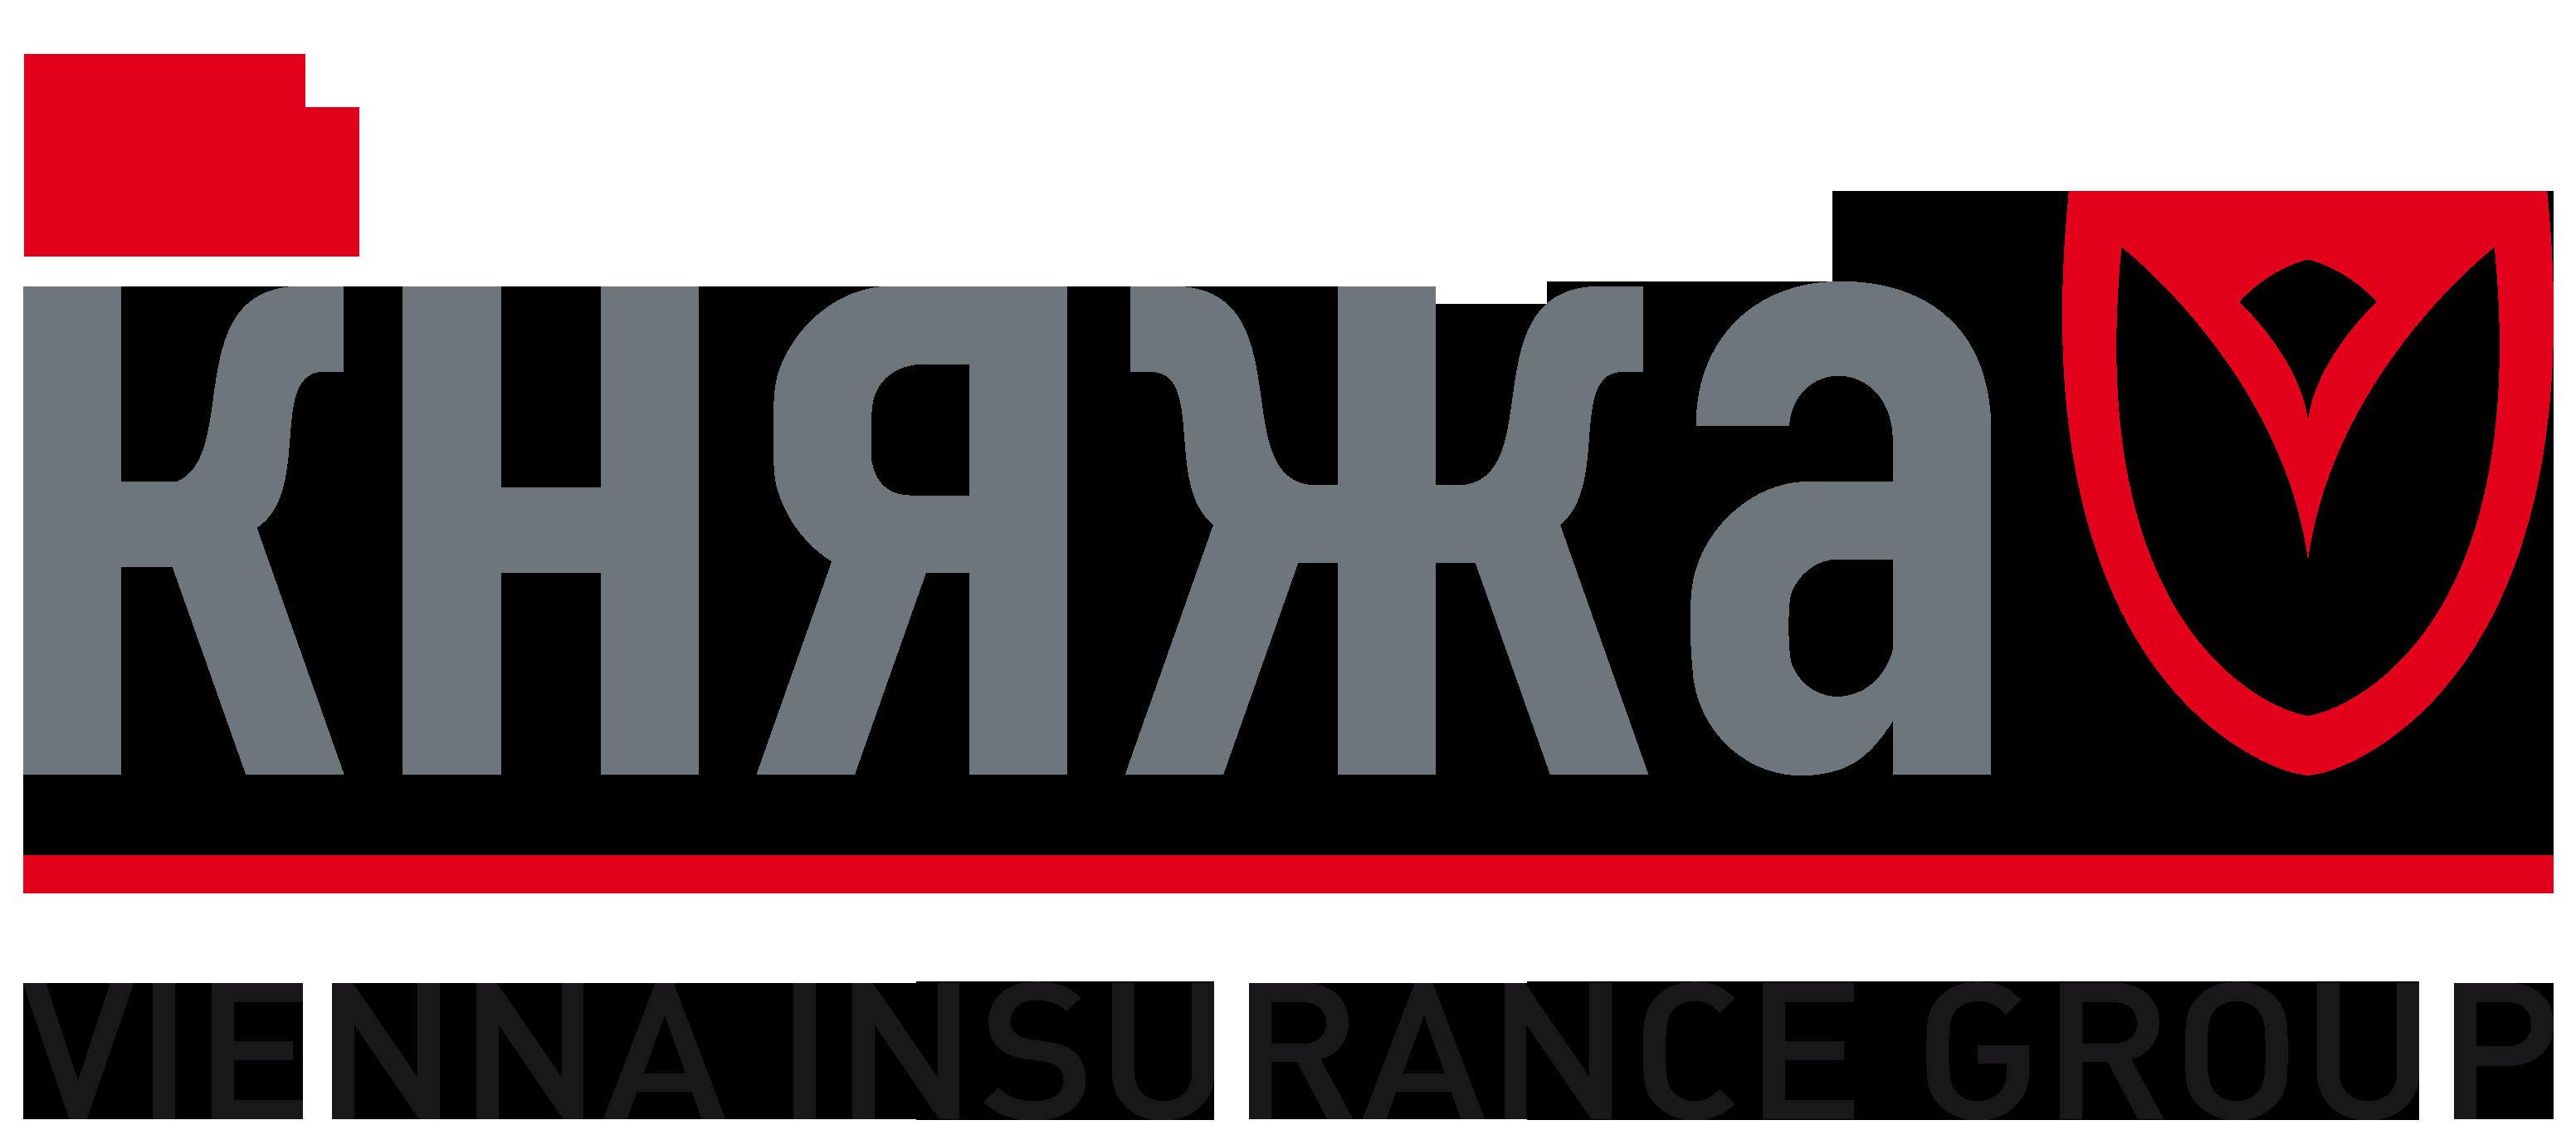 СК Княжа:  отзывы клиентов и обзор услуг logo